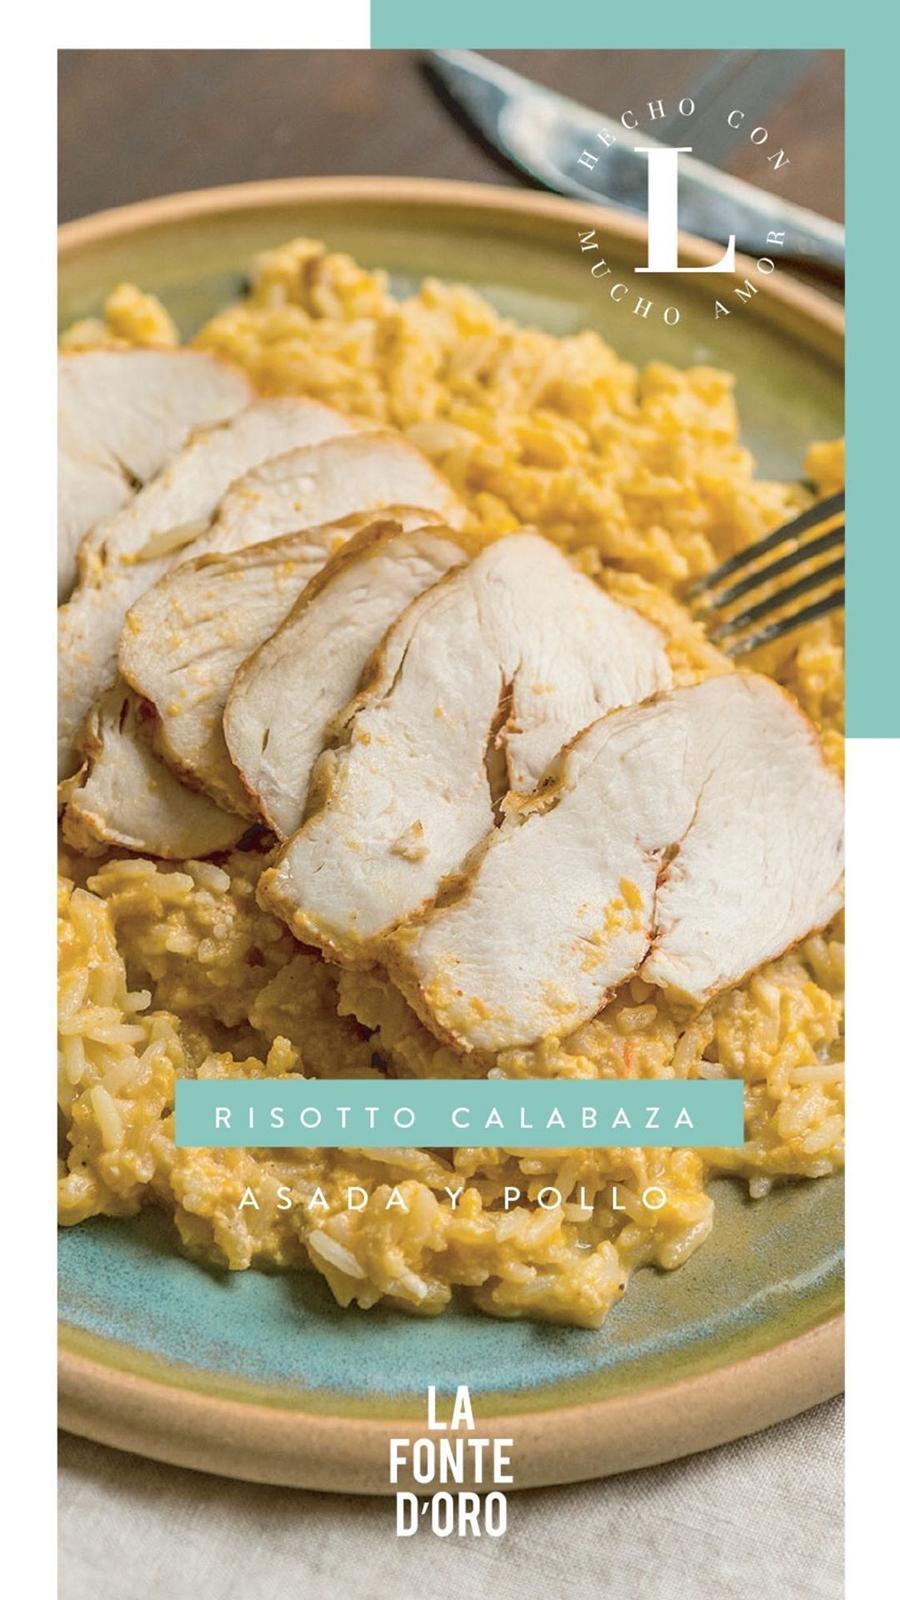 Risotto calabaza asada y pollo